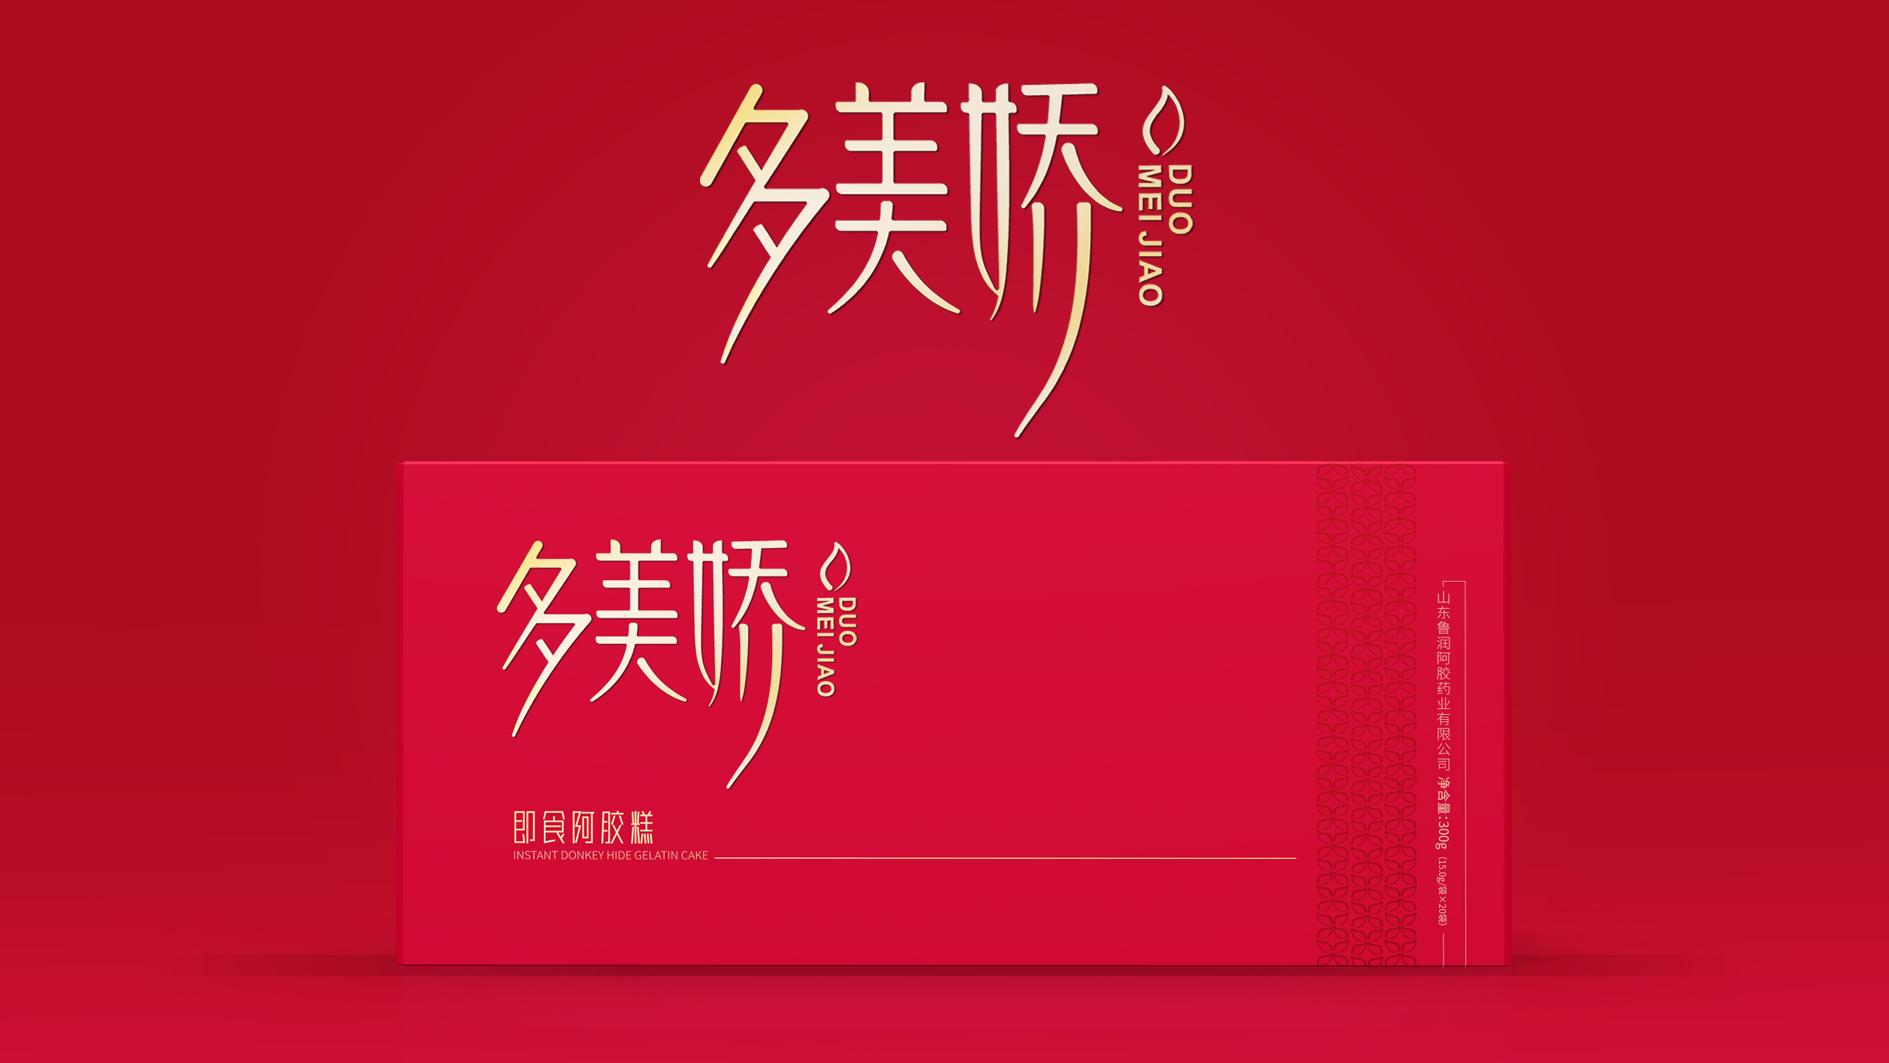 多美娇阿胶品牌包装设计